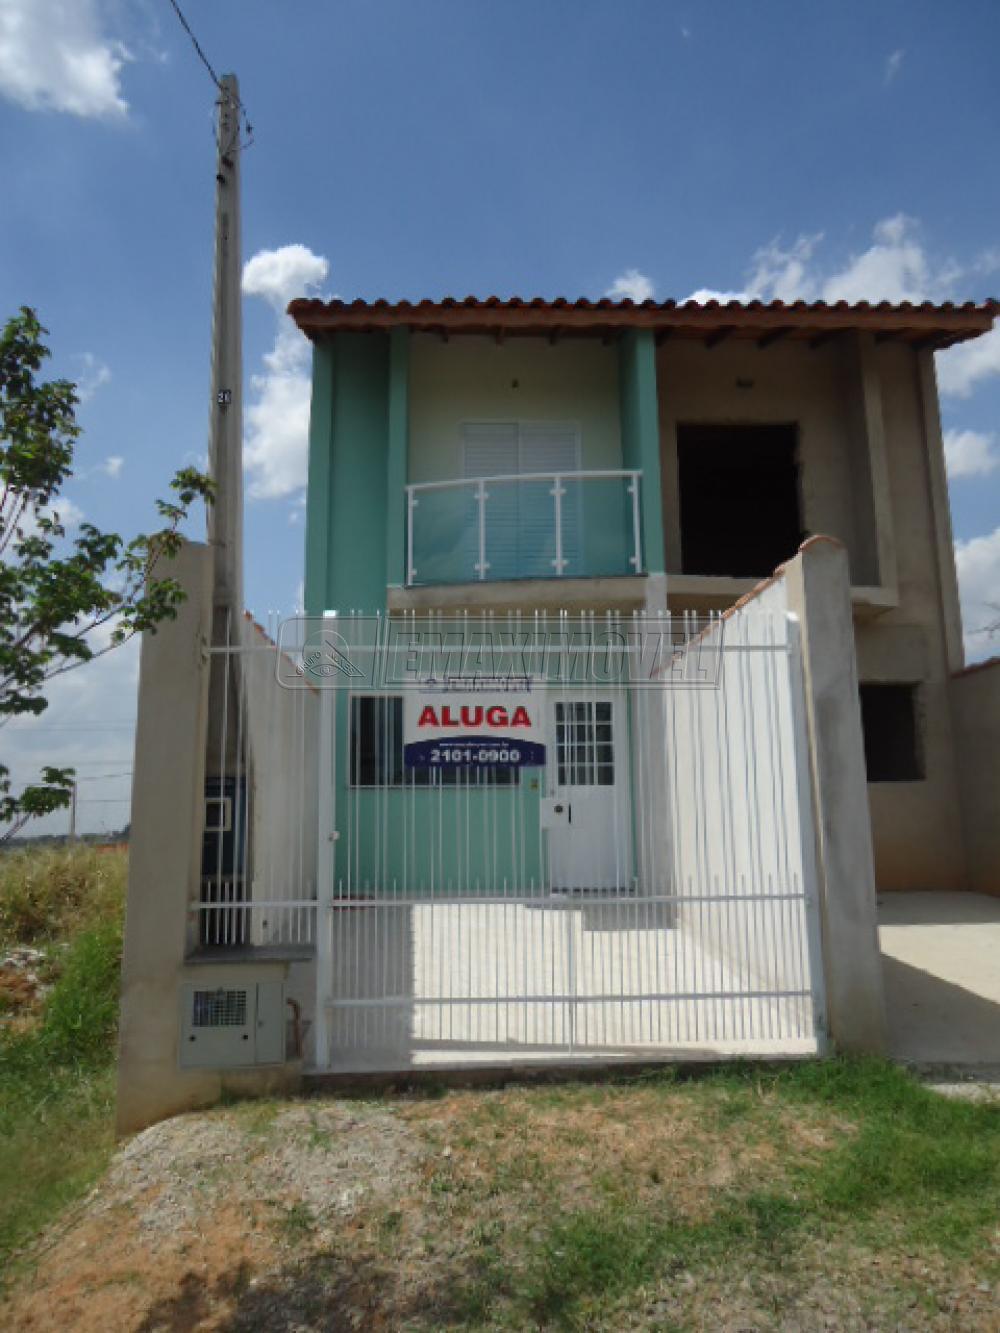 Alugar Casas / em Bairros em Sorocaba apenas R$ 990,00 - Foto 1